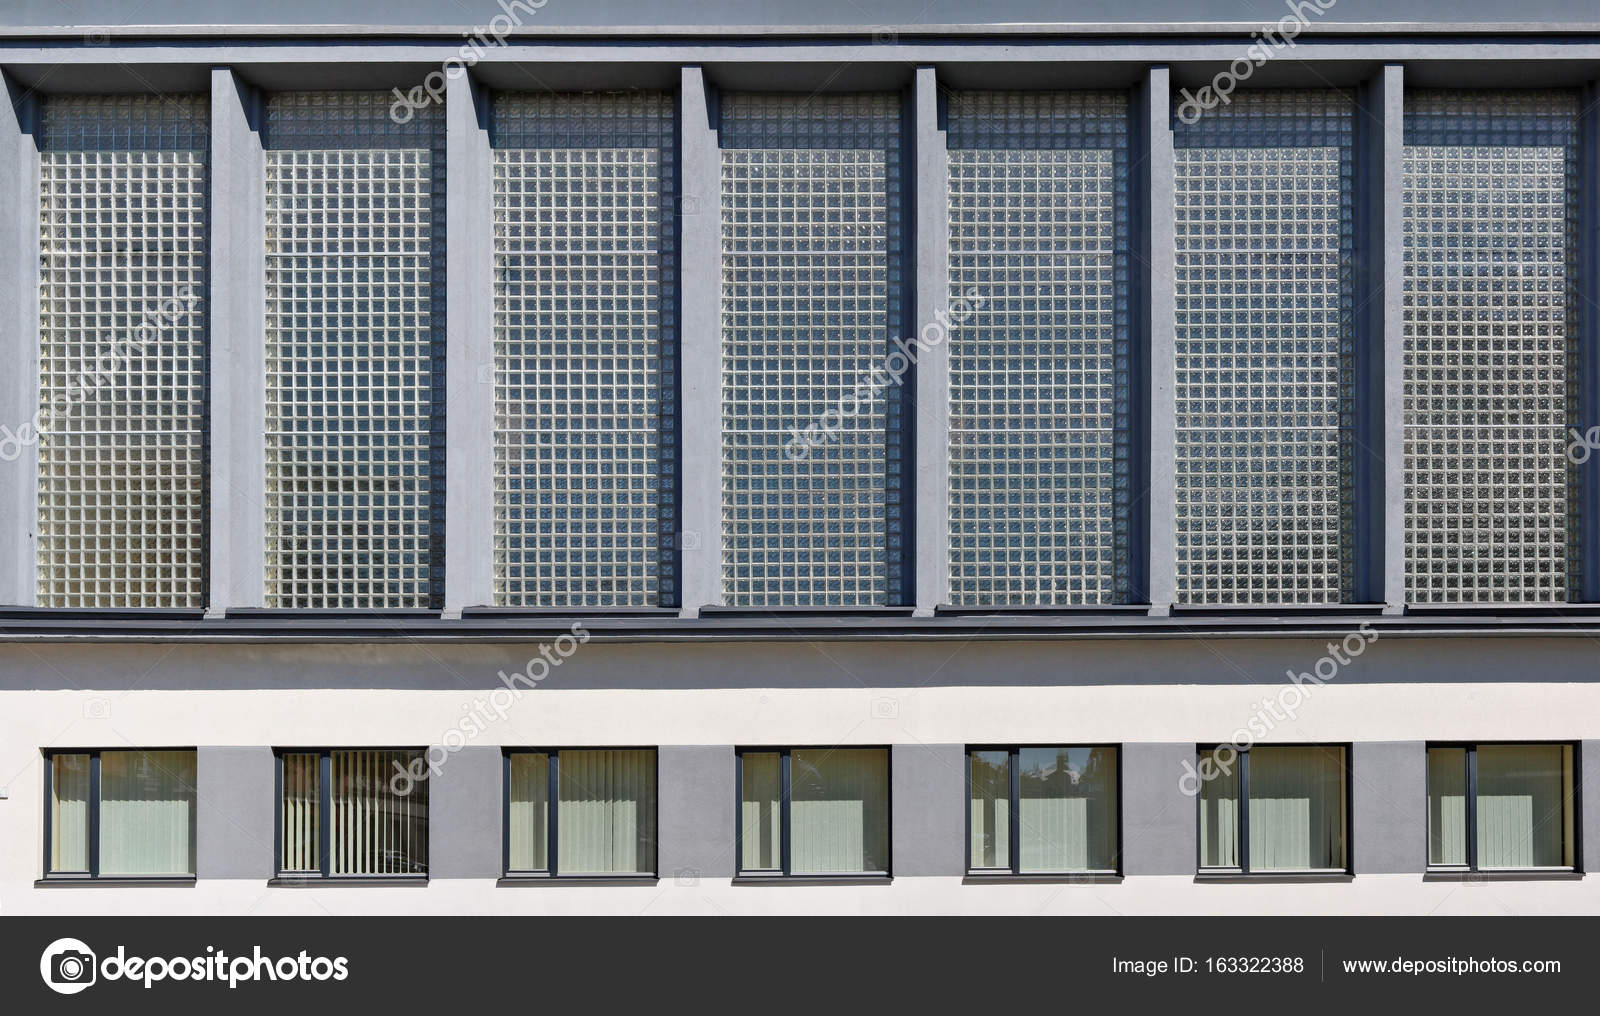 Wand aus Glasbausteinen — Stockfoto © vilaxlt #163322388